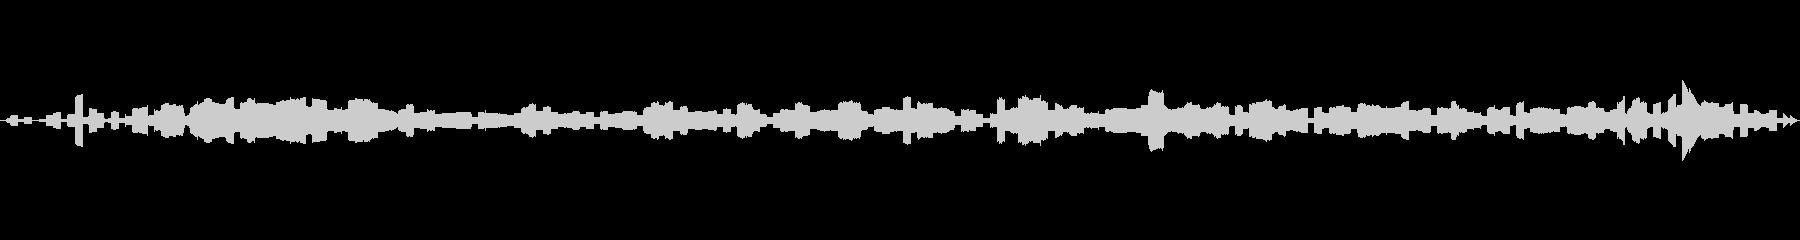 ランダム:中高ピッチ、コンピュータ...の未再生の波形